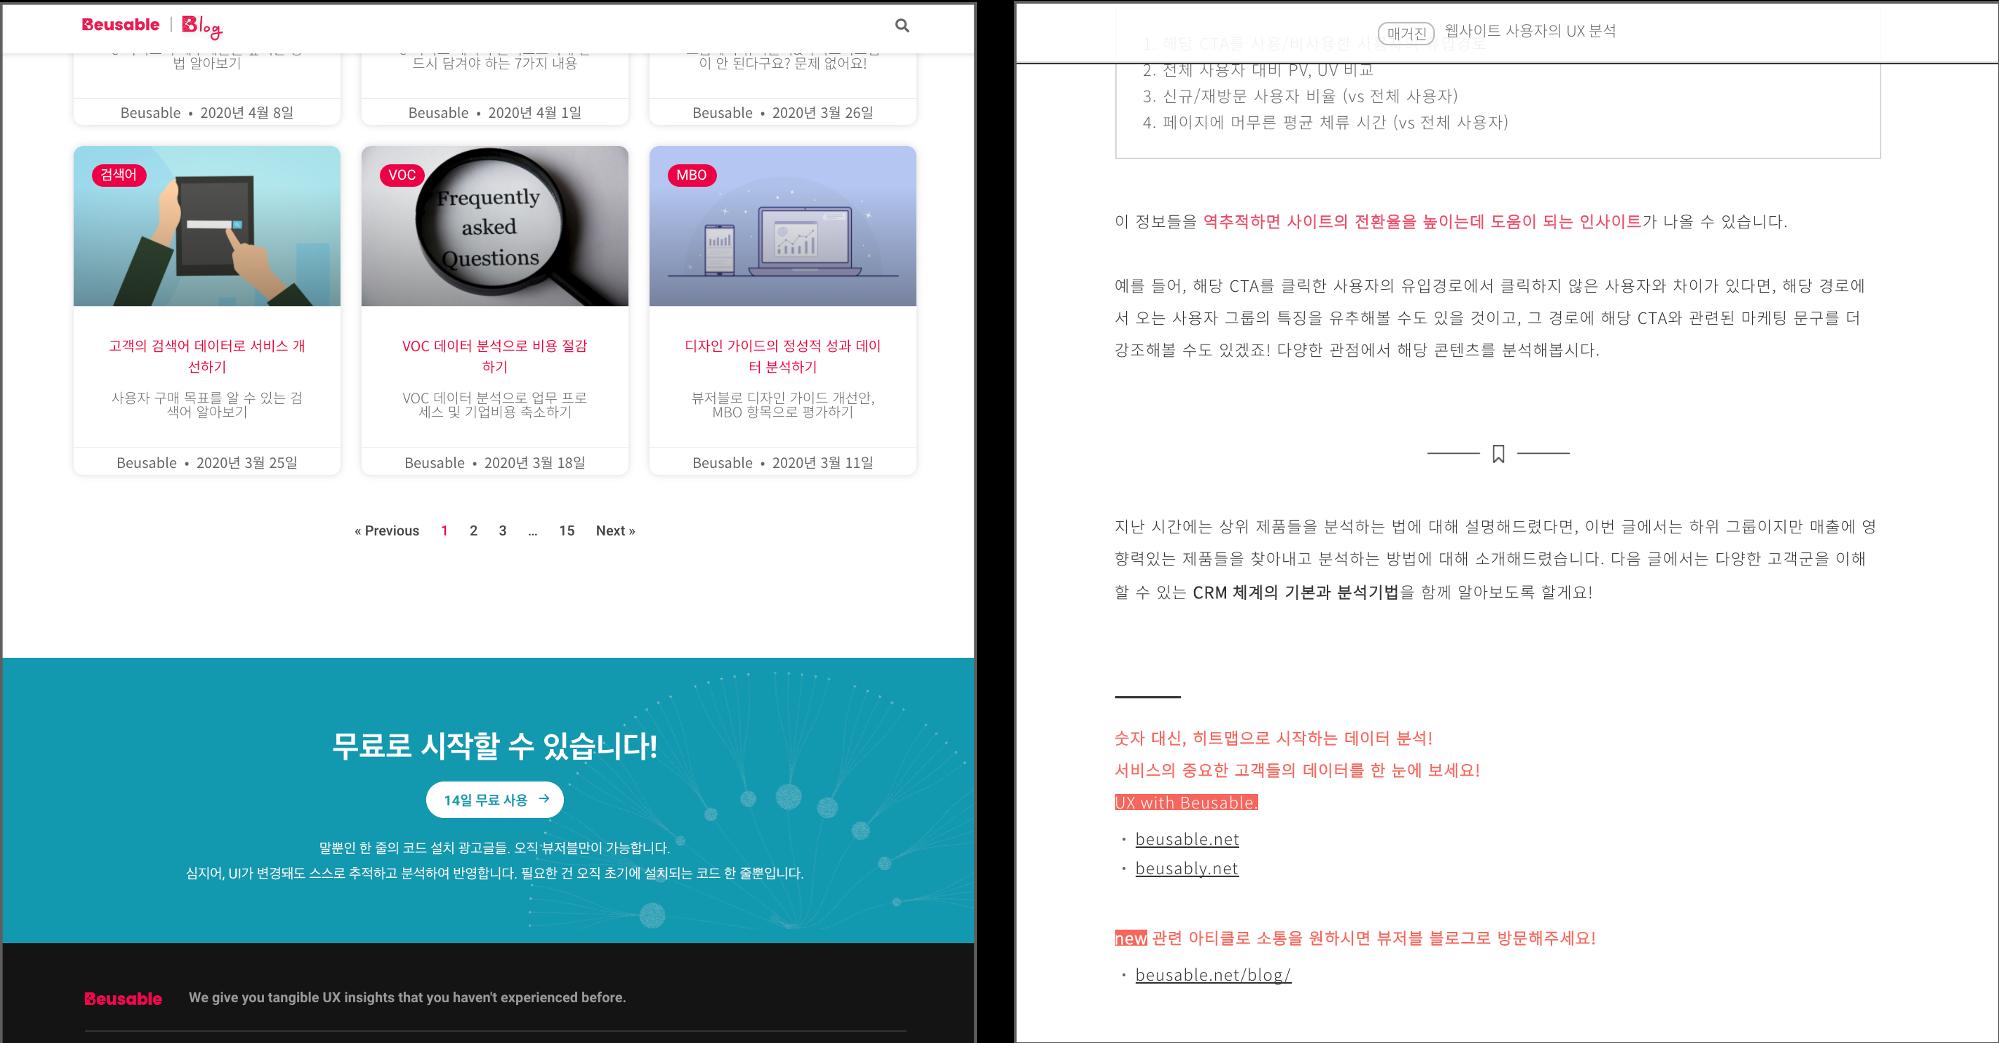 뷰저블은 내부 도메인에 신규 메뉴로 블로그를 설치하여 고객의 회원가입 전환을 촉진하였습니다.